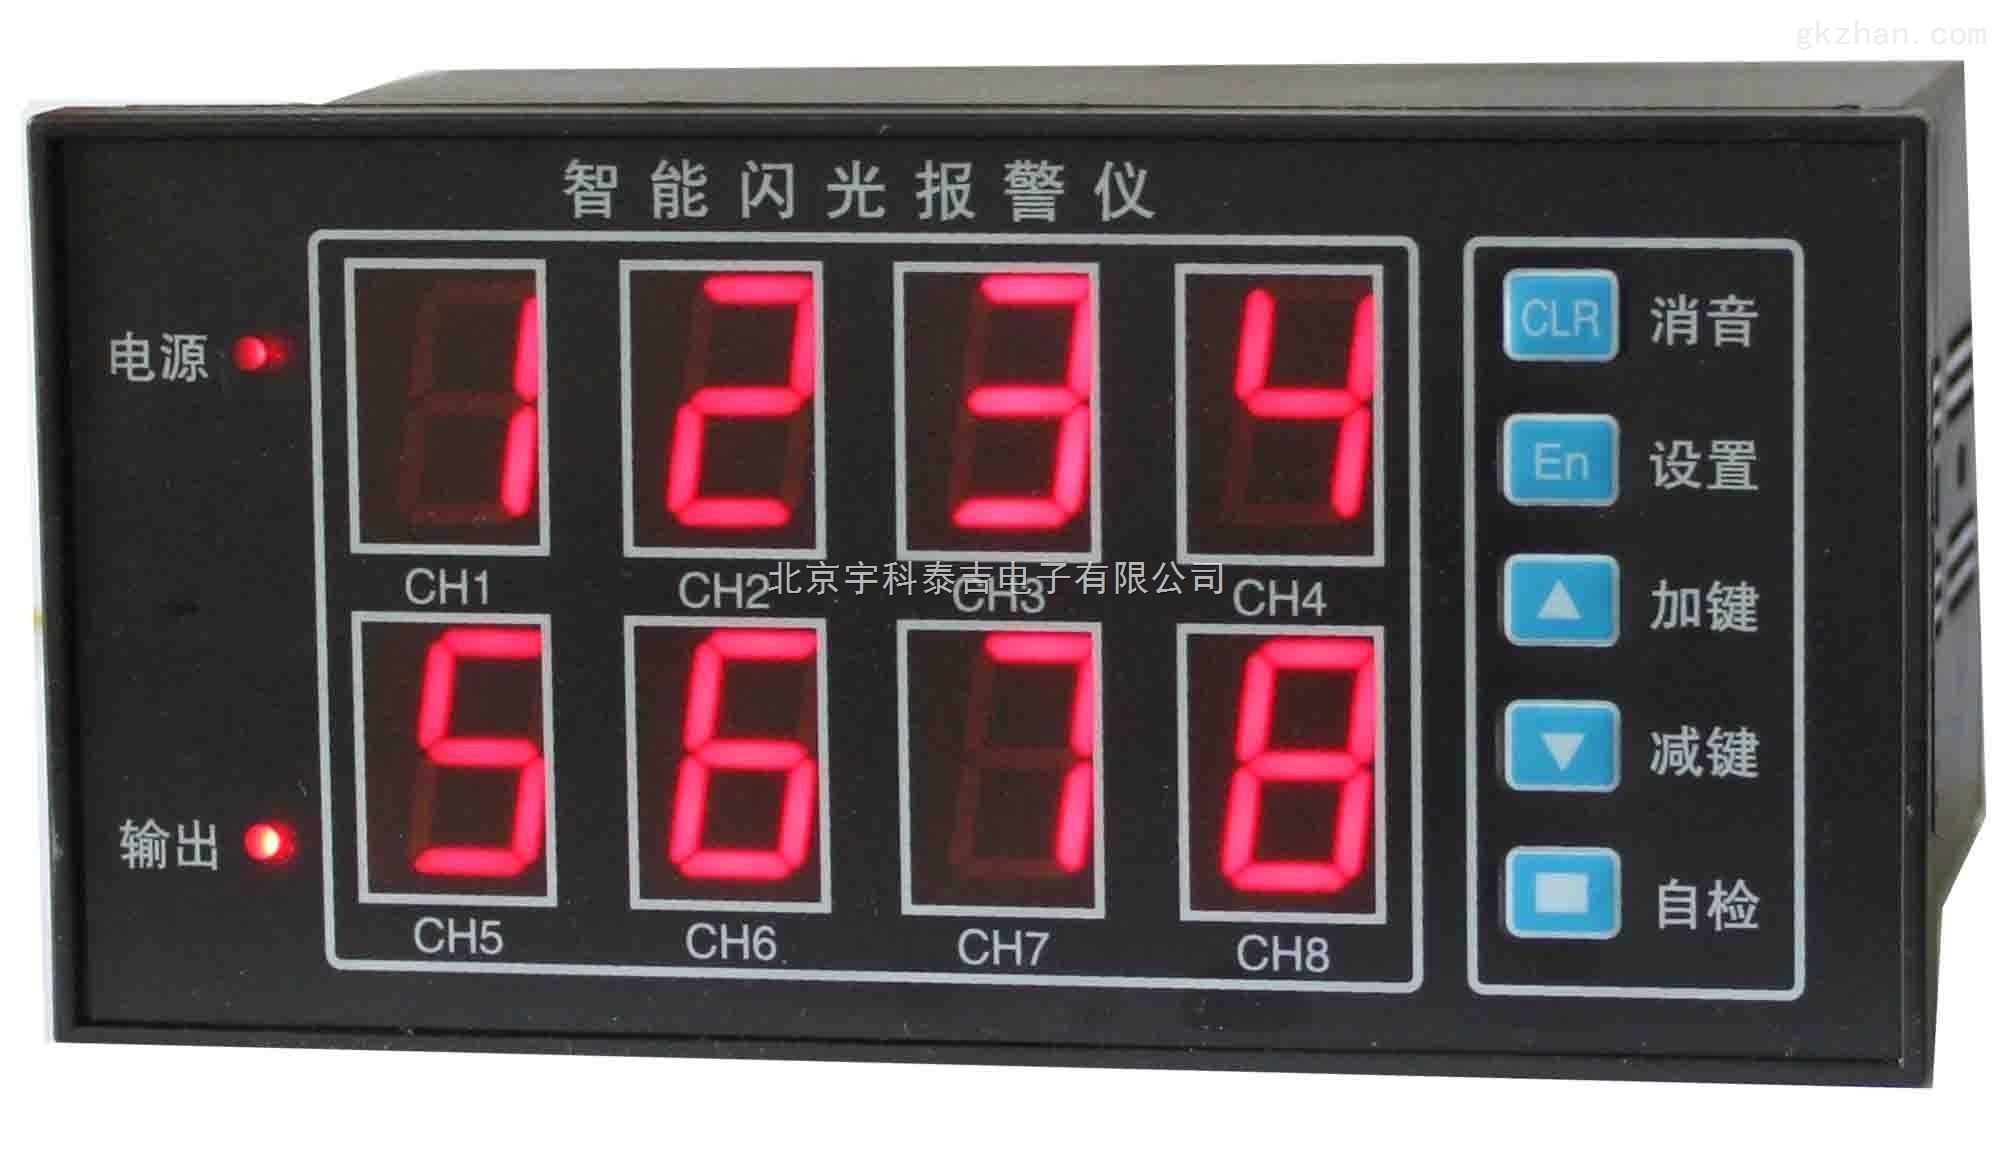 宇科泰吉YK-708A-J1-R-K智能八路通讯RS232闪光报警仪